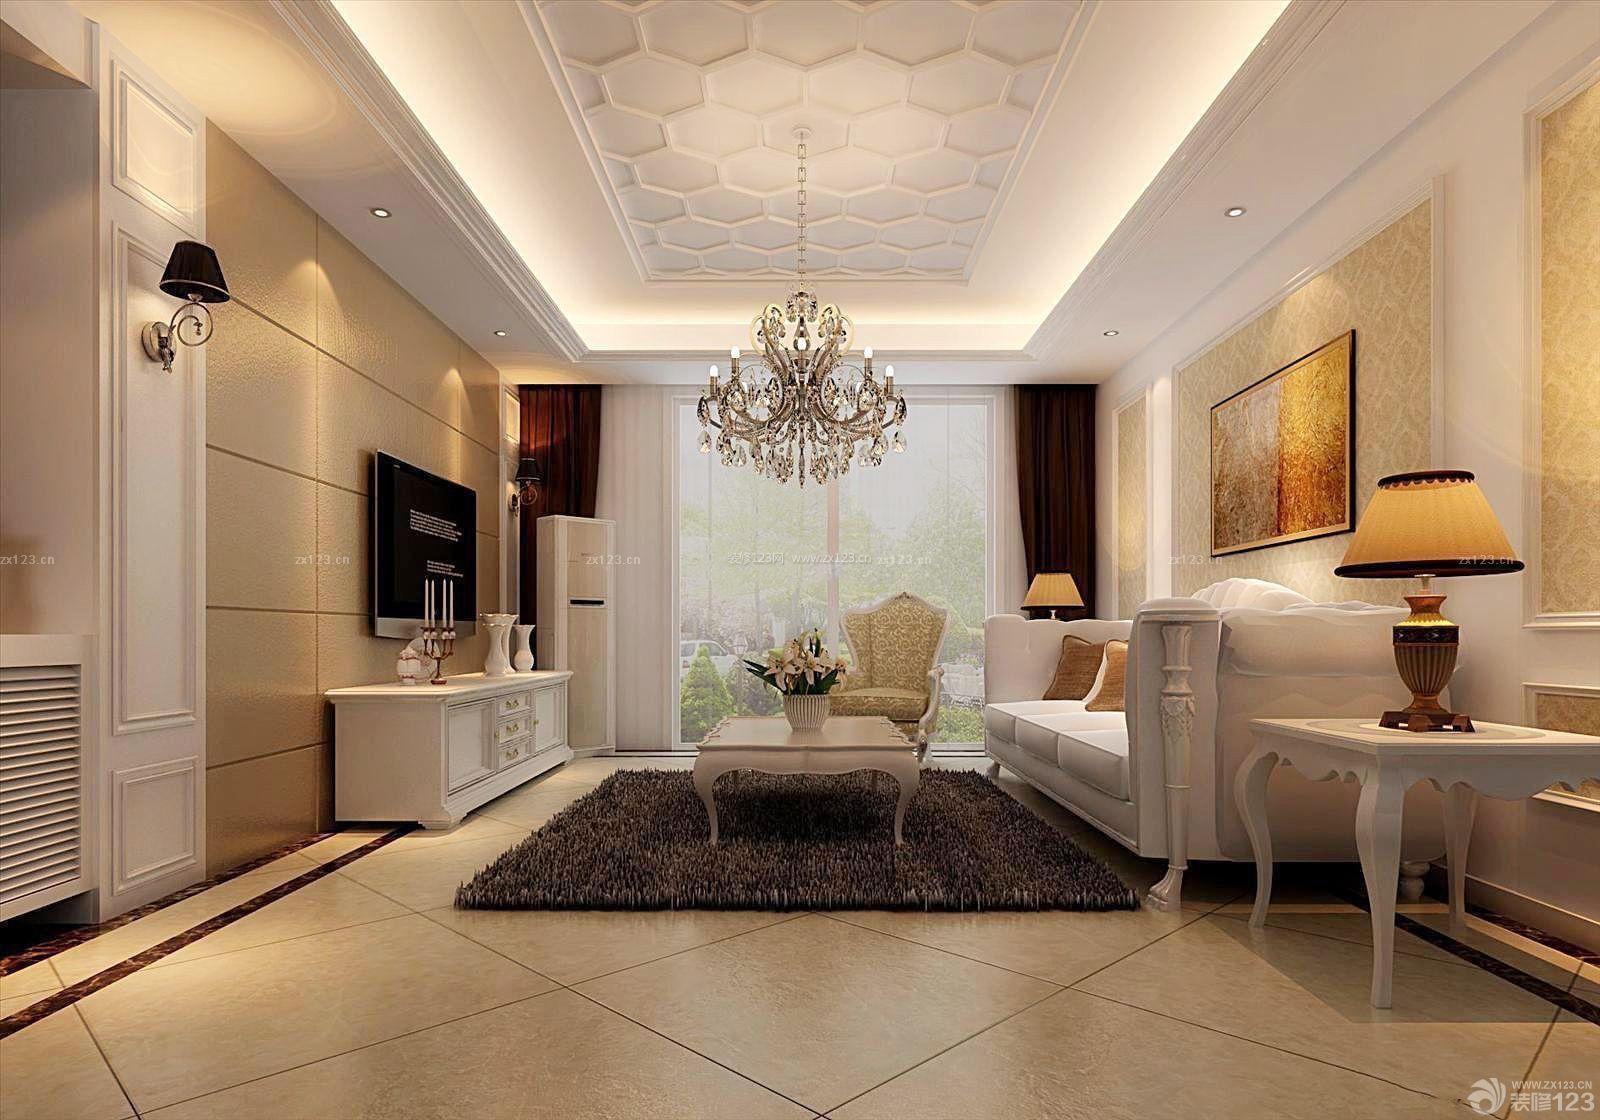 古典風格90平米兩室一廳裝飾裝修效果圖片圖片